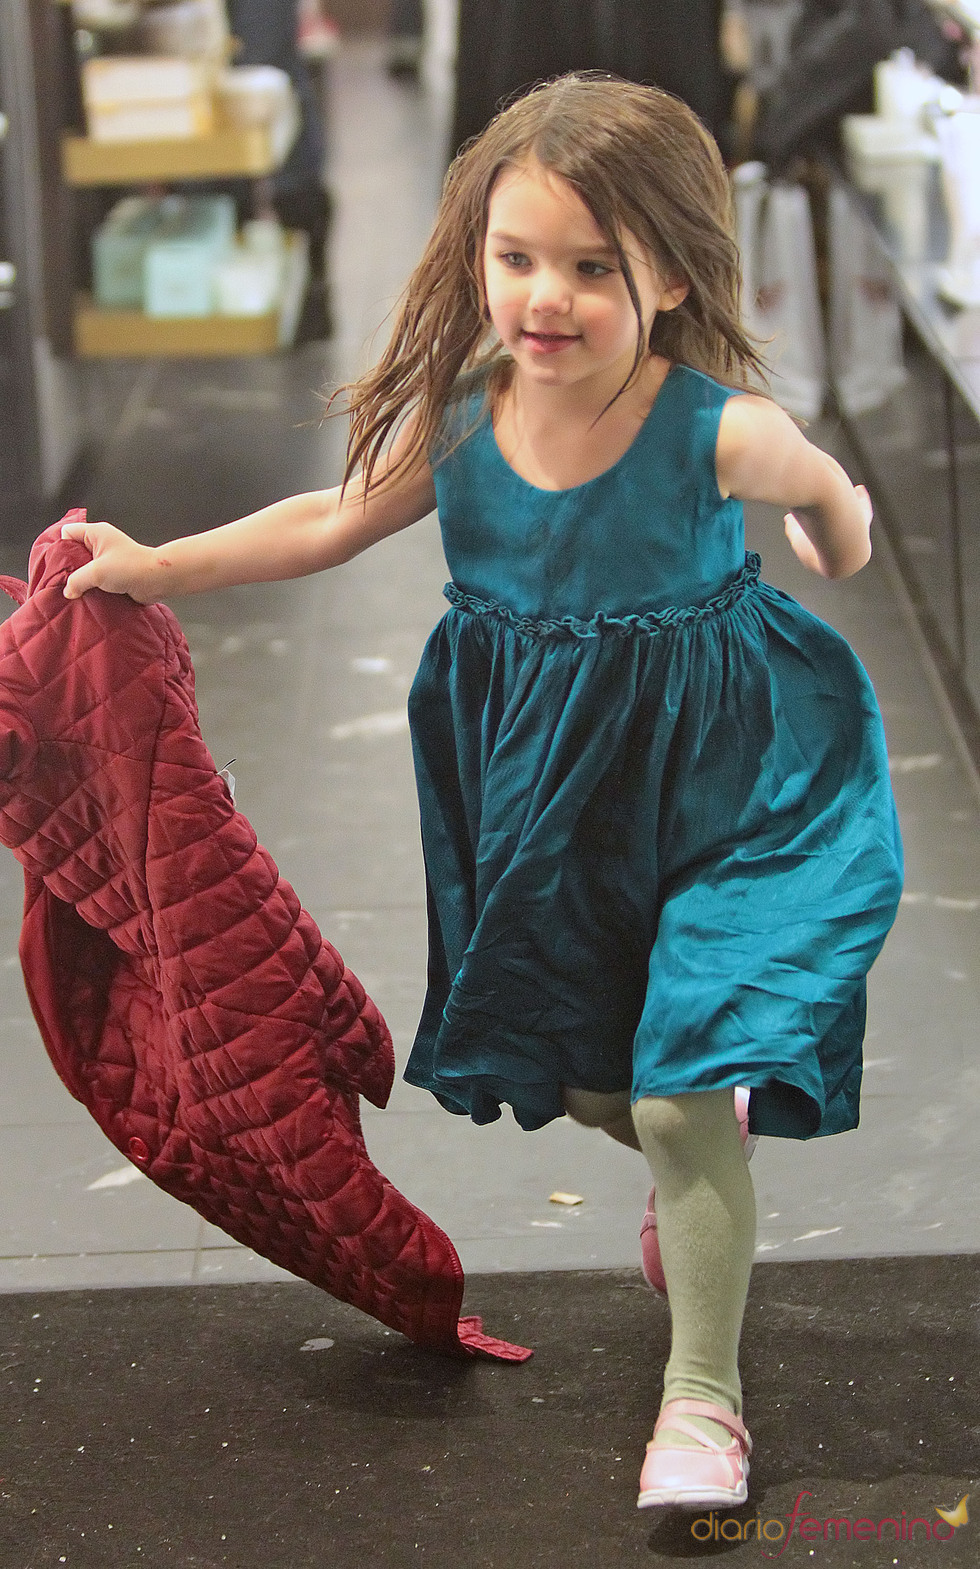 Faldas de mi hija por debajo - 3 part 2